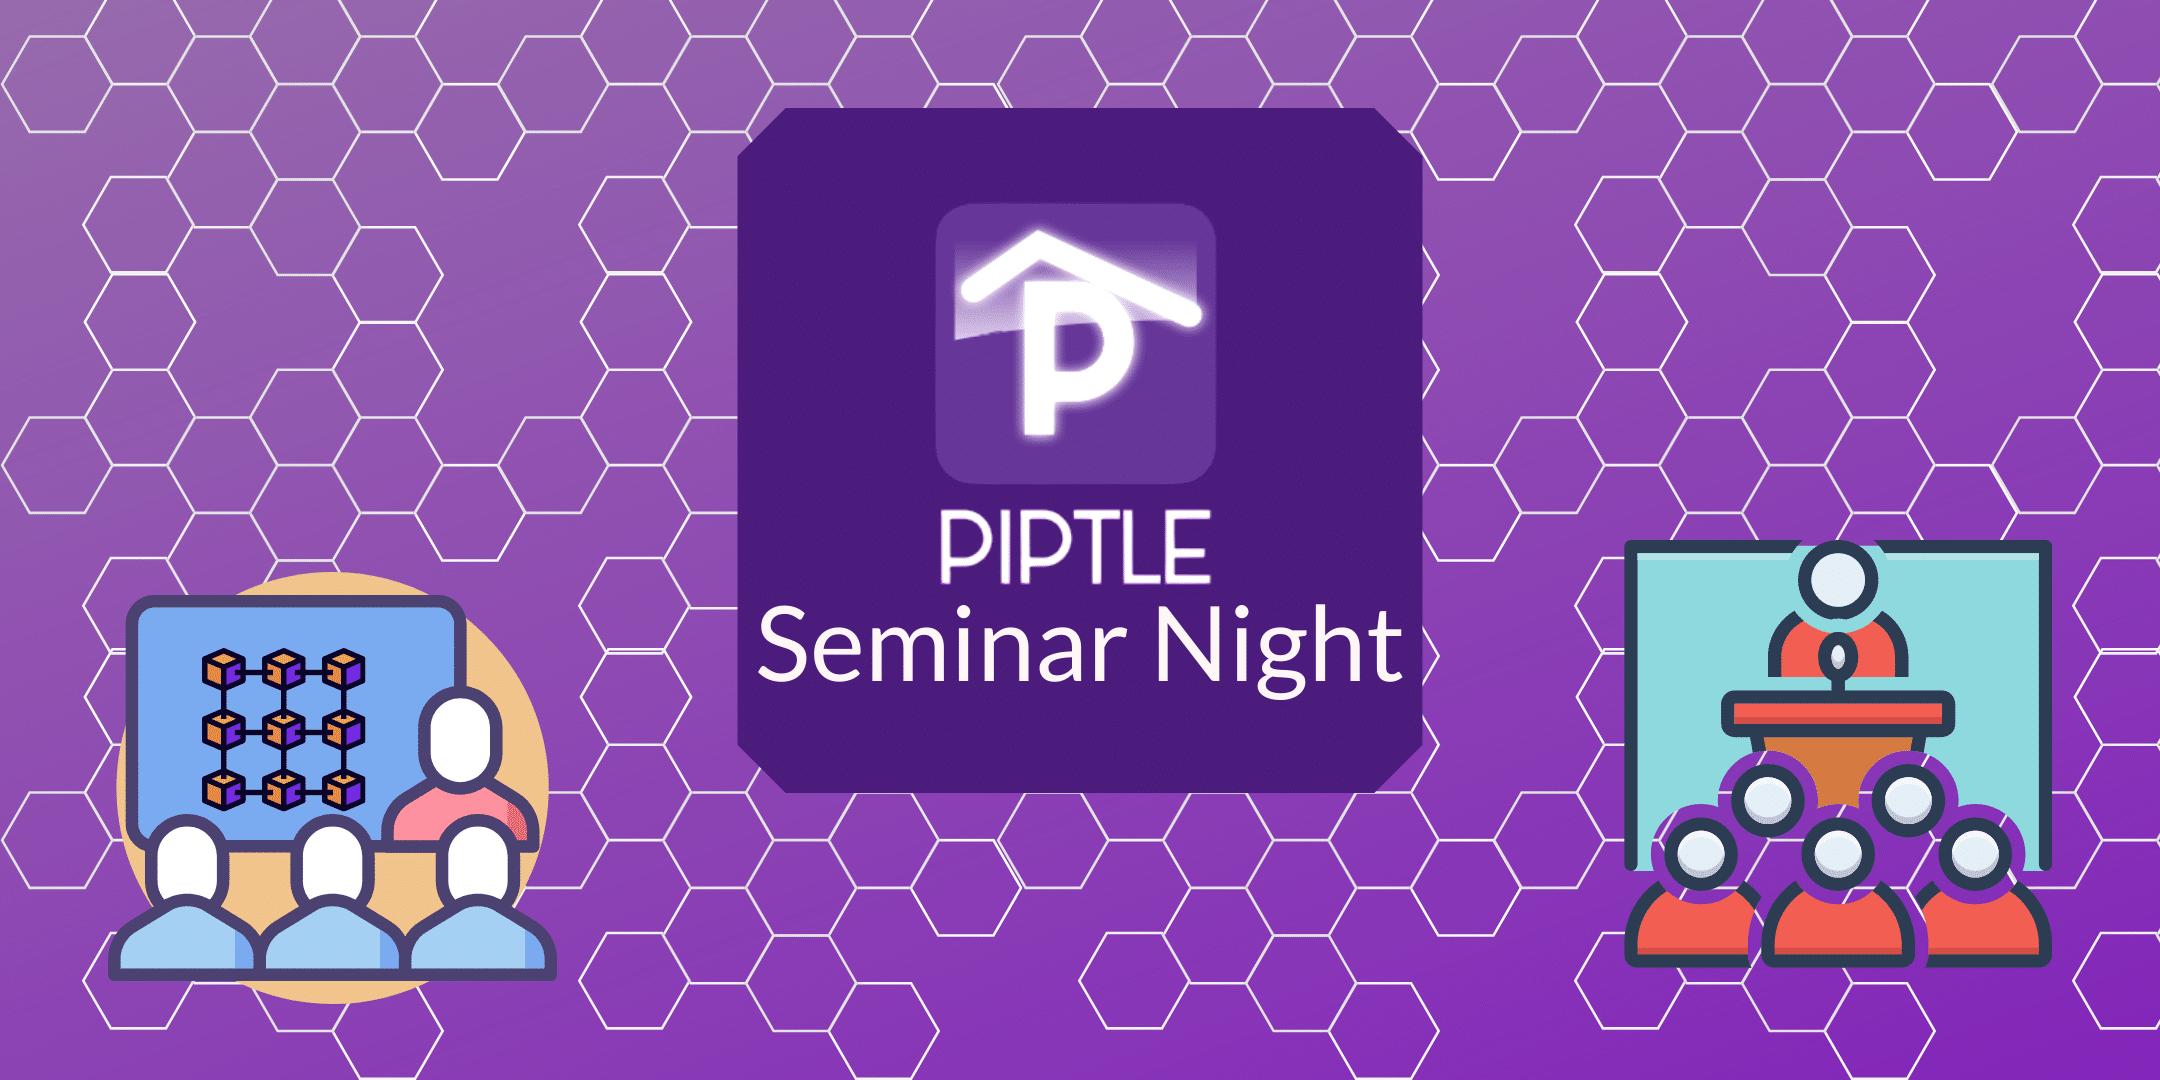 Piptle Seminar Night